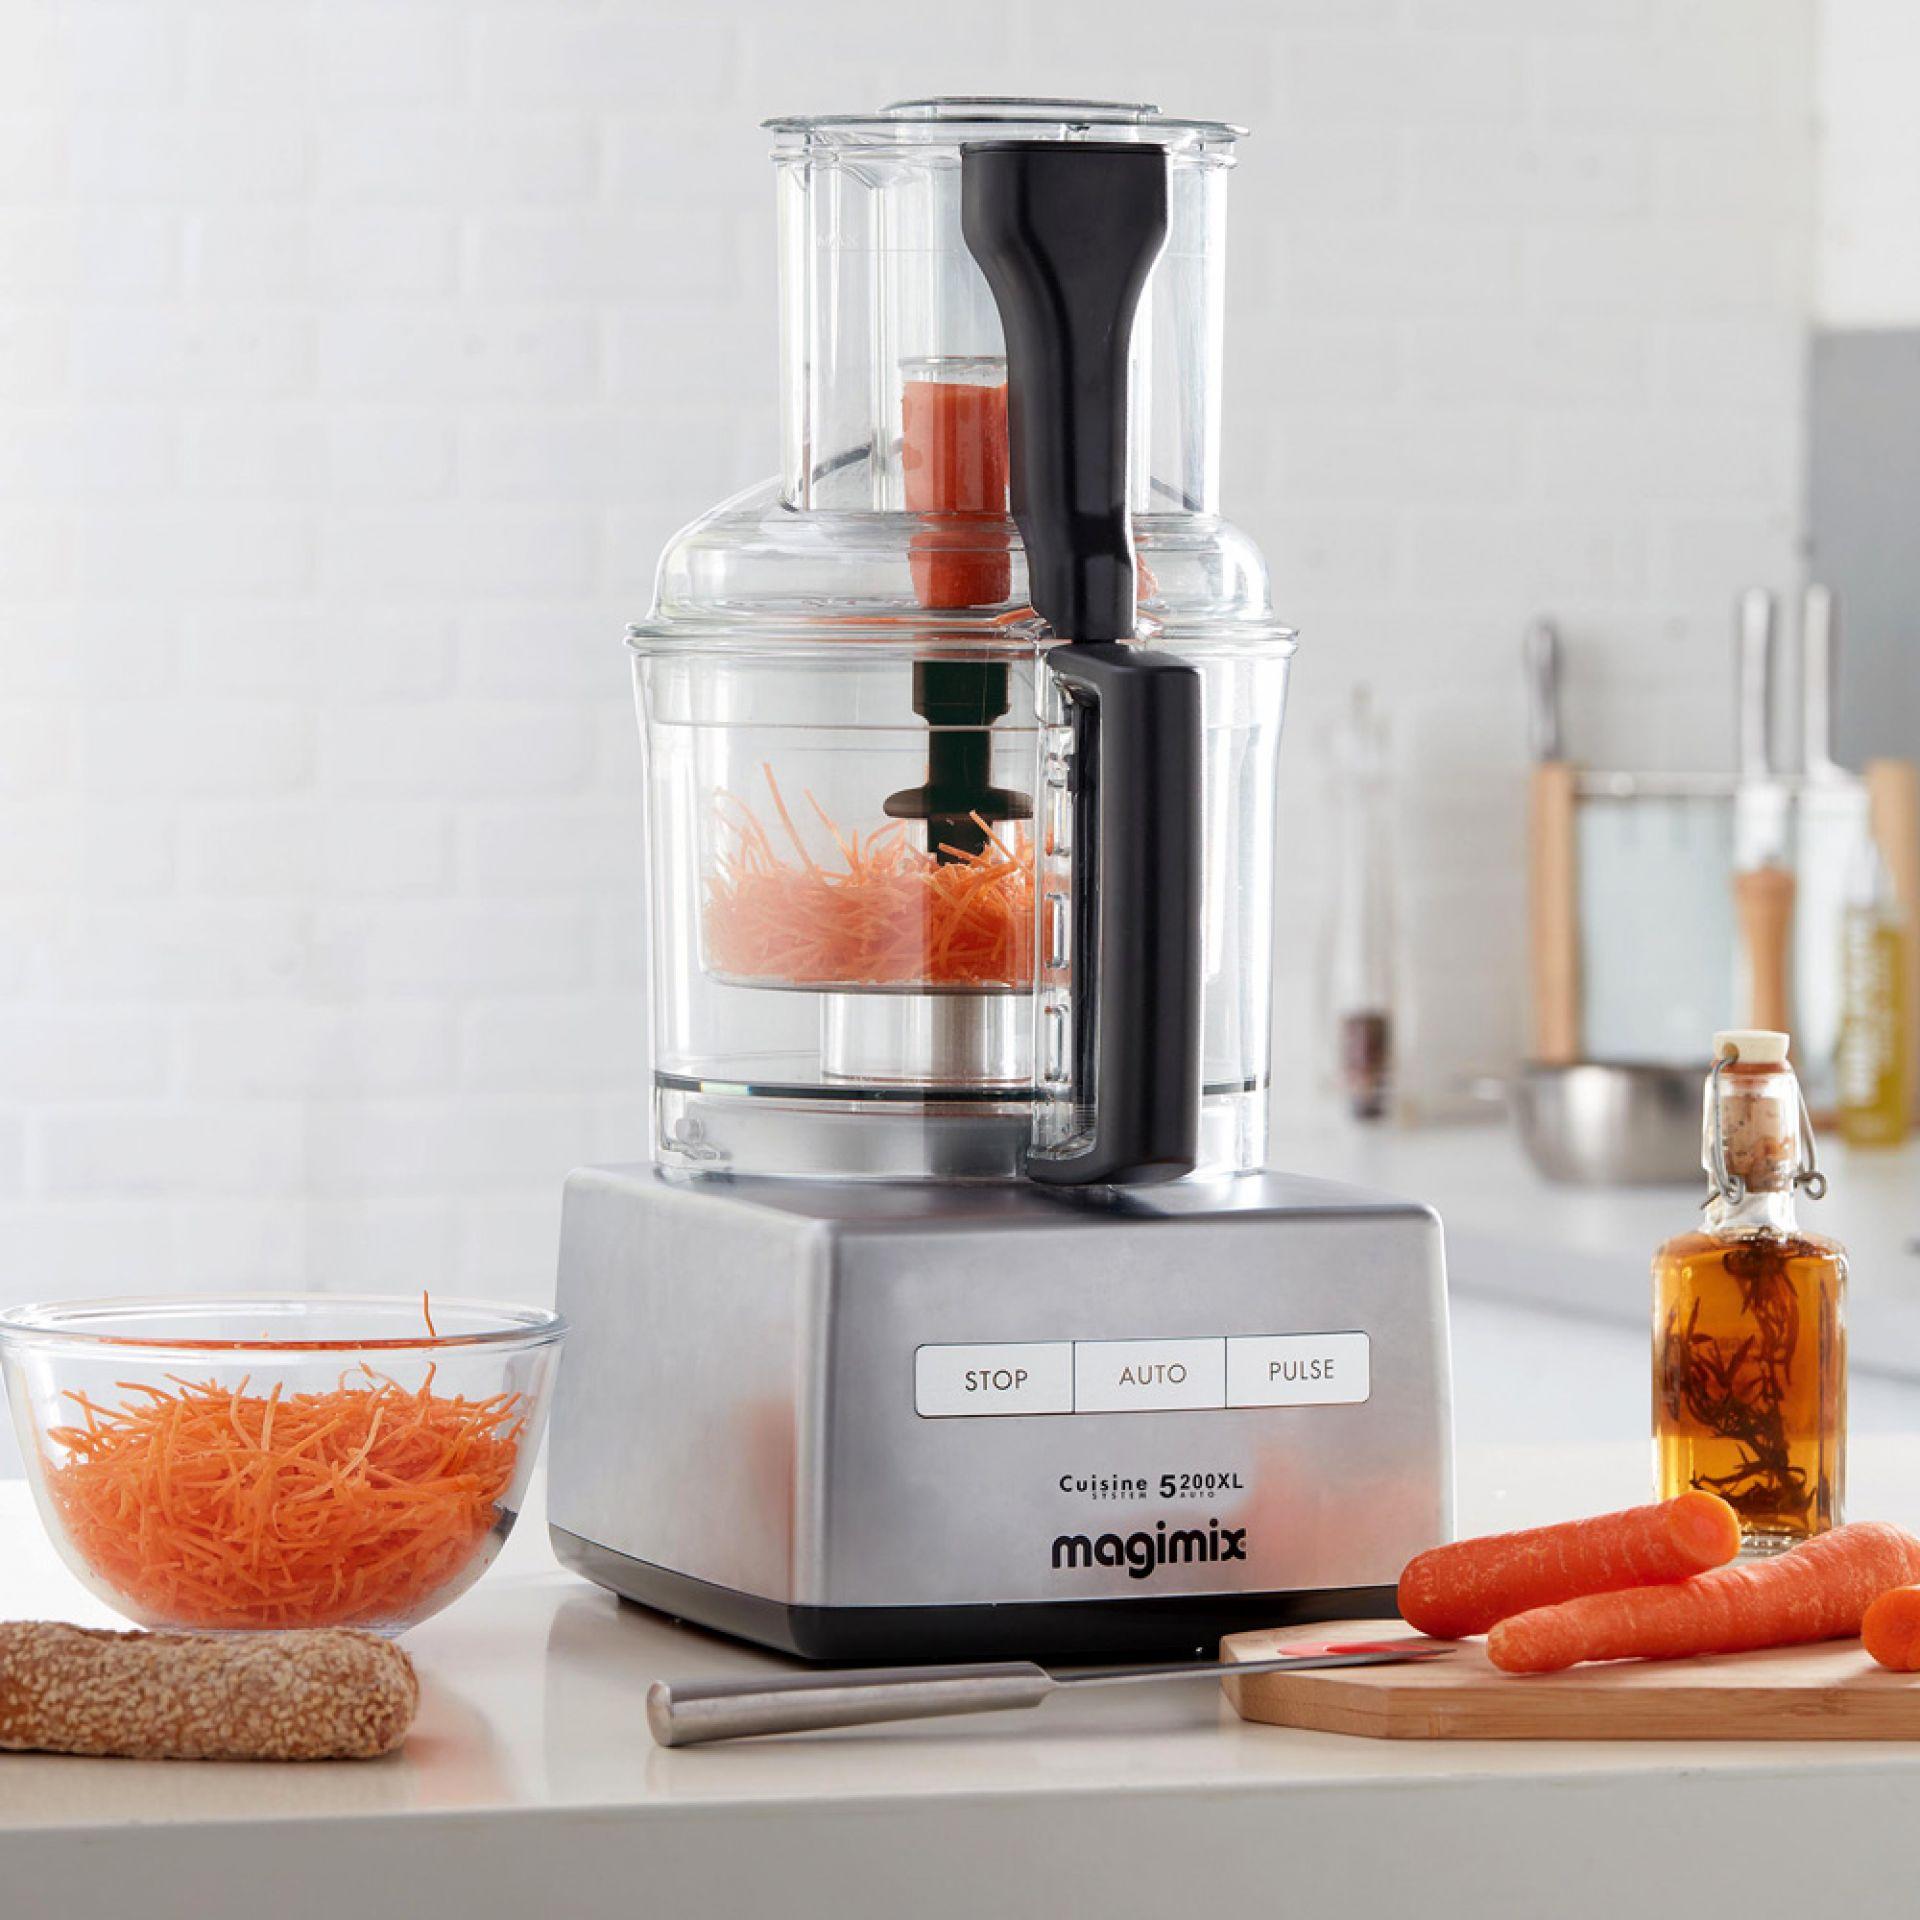 Magimix Cuisine Système 5300XL Anwendungsbeispiel mit Karotten